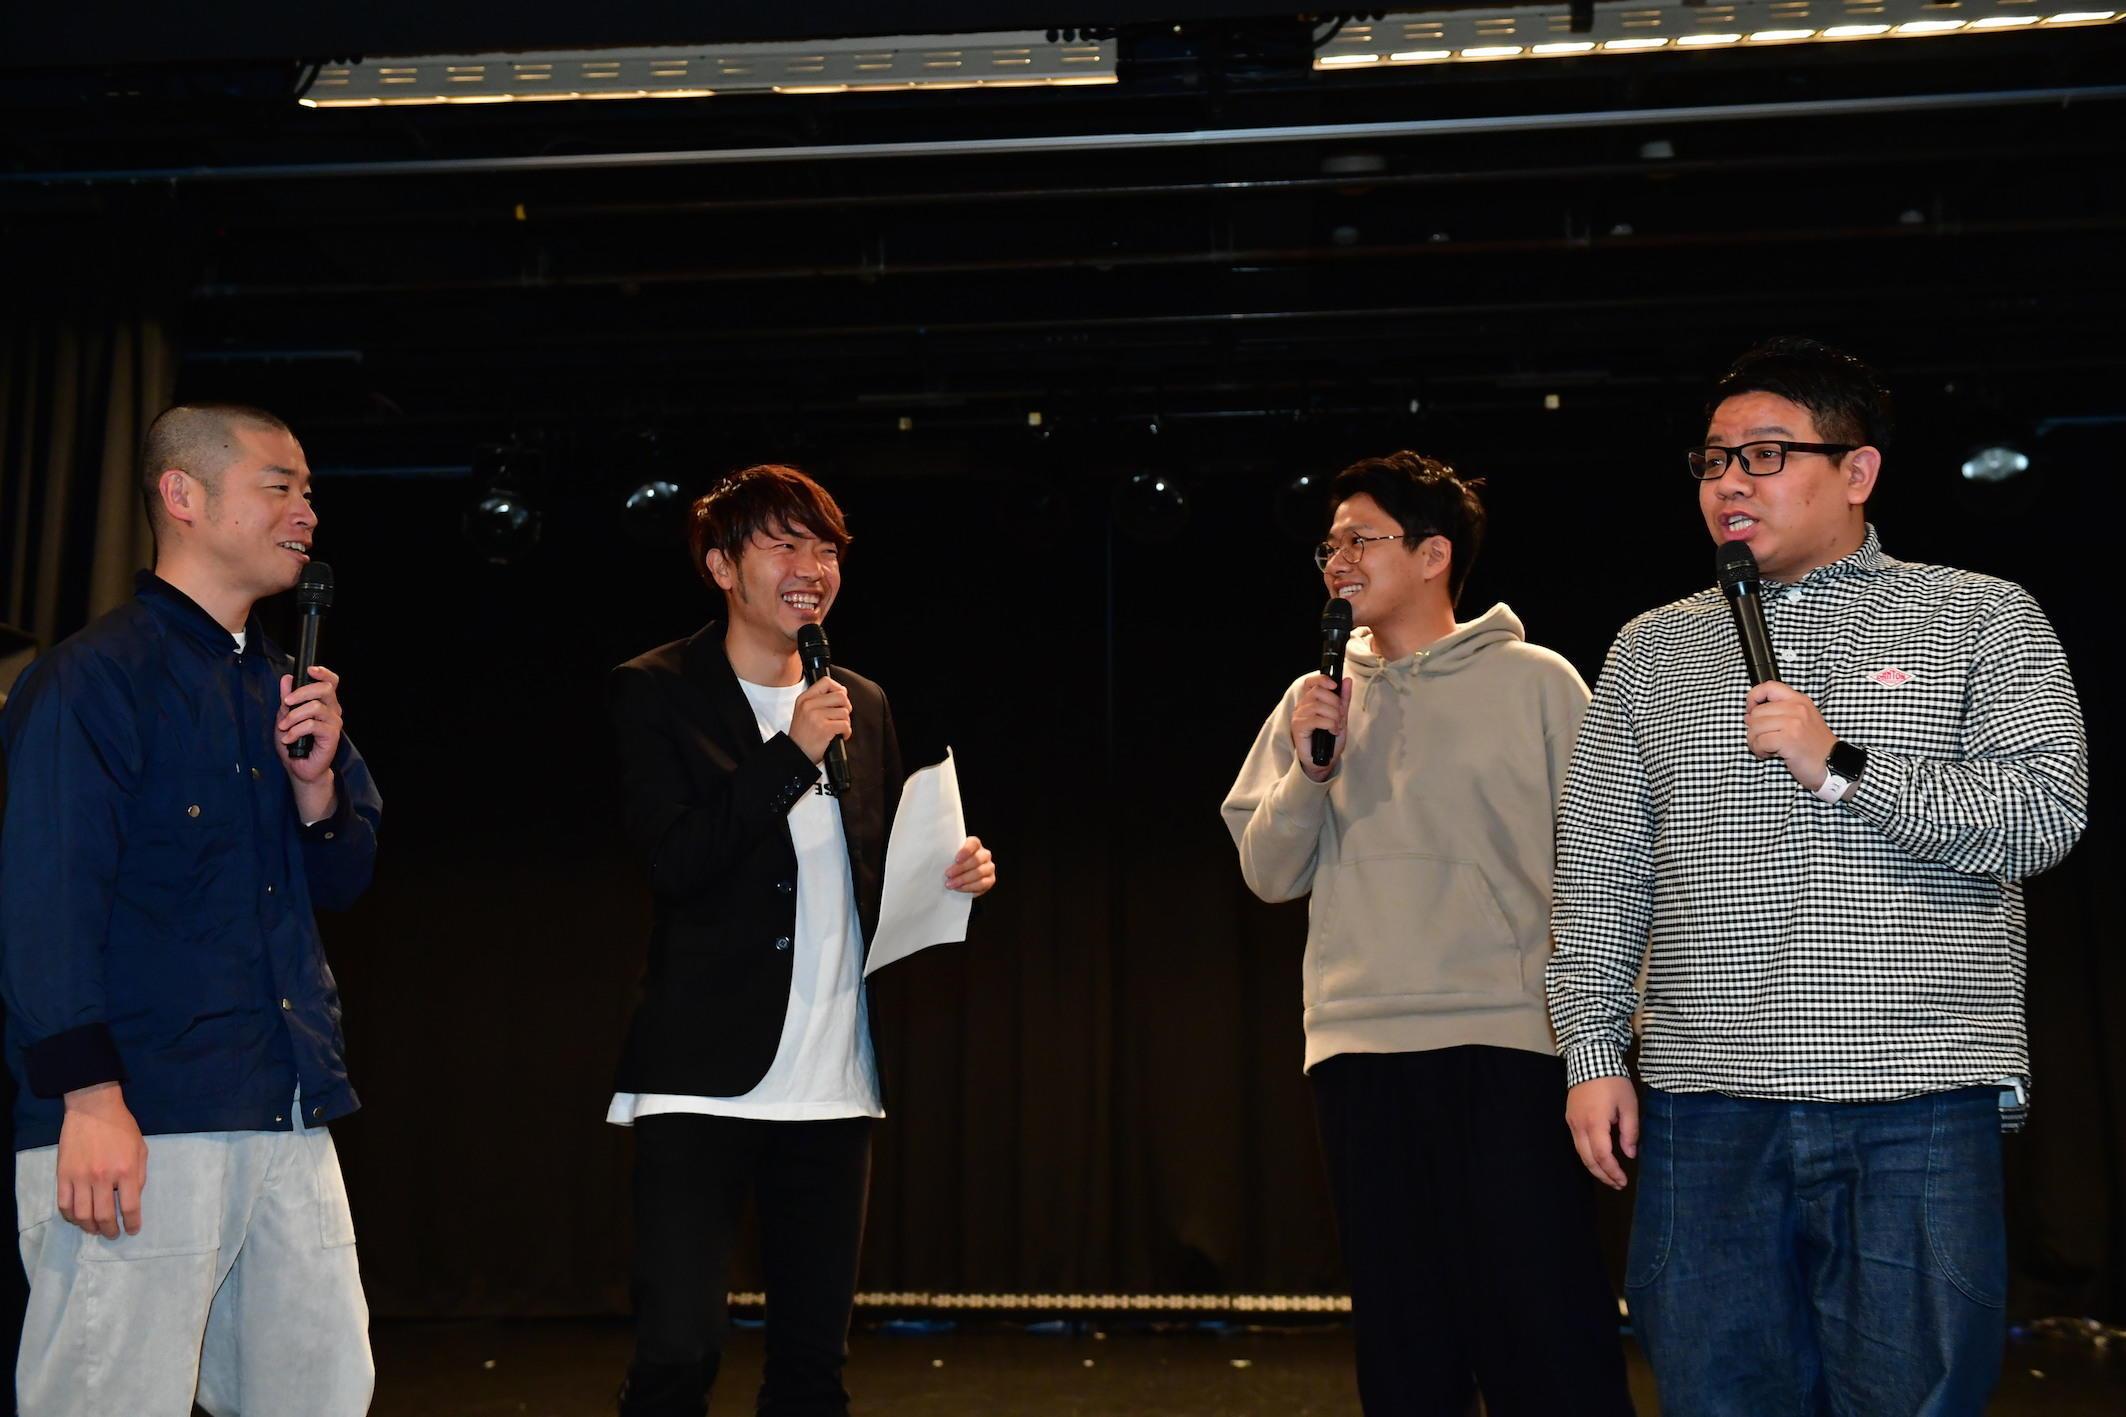 http://news.yoshimoto.co.jp/20190131105045-26ccb3cbbf39afb0a3372783cd843c9182c50312.jpg